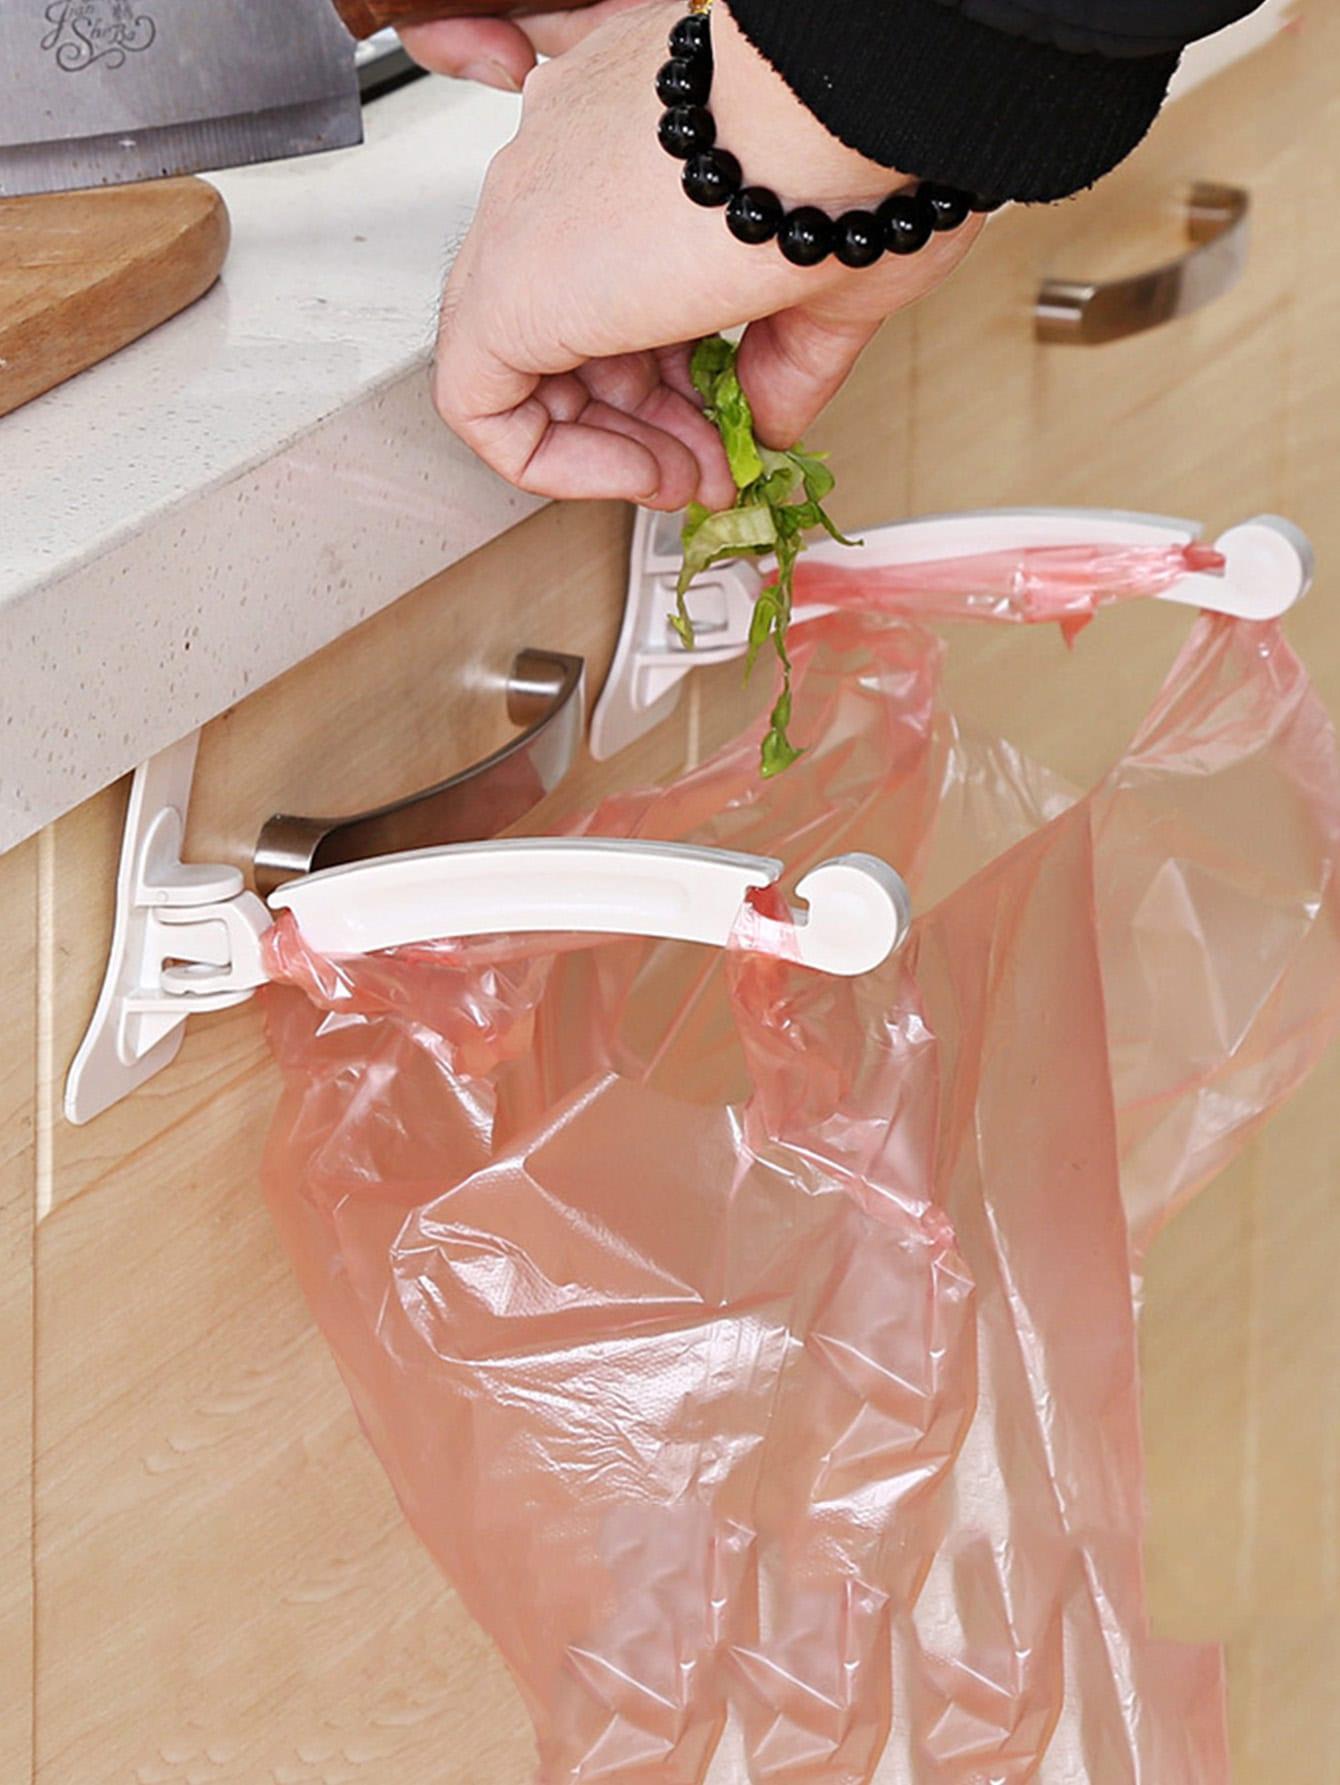 2 Pcs ABS Trash Bag Holder